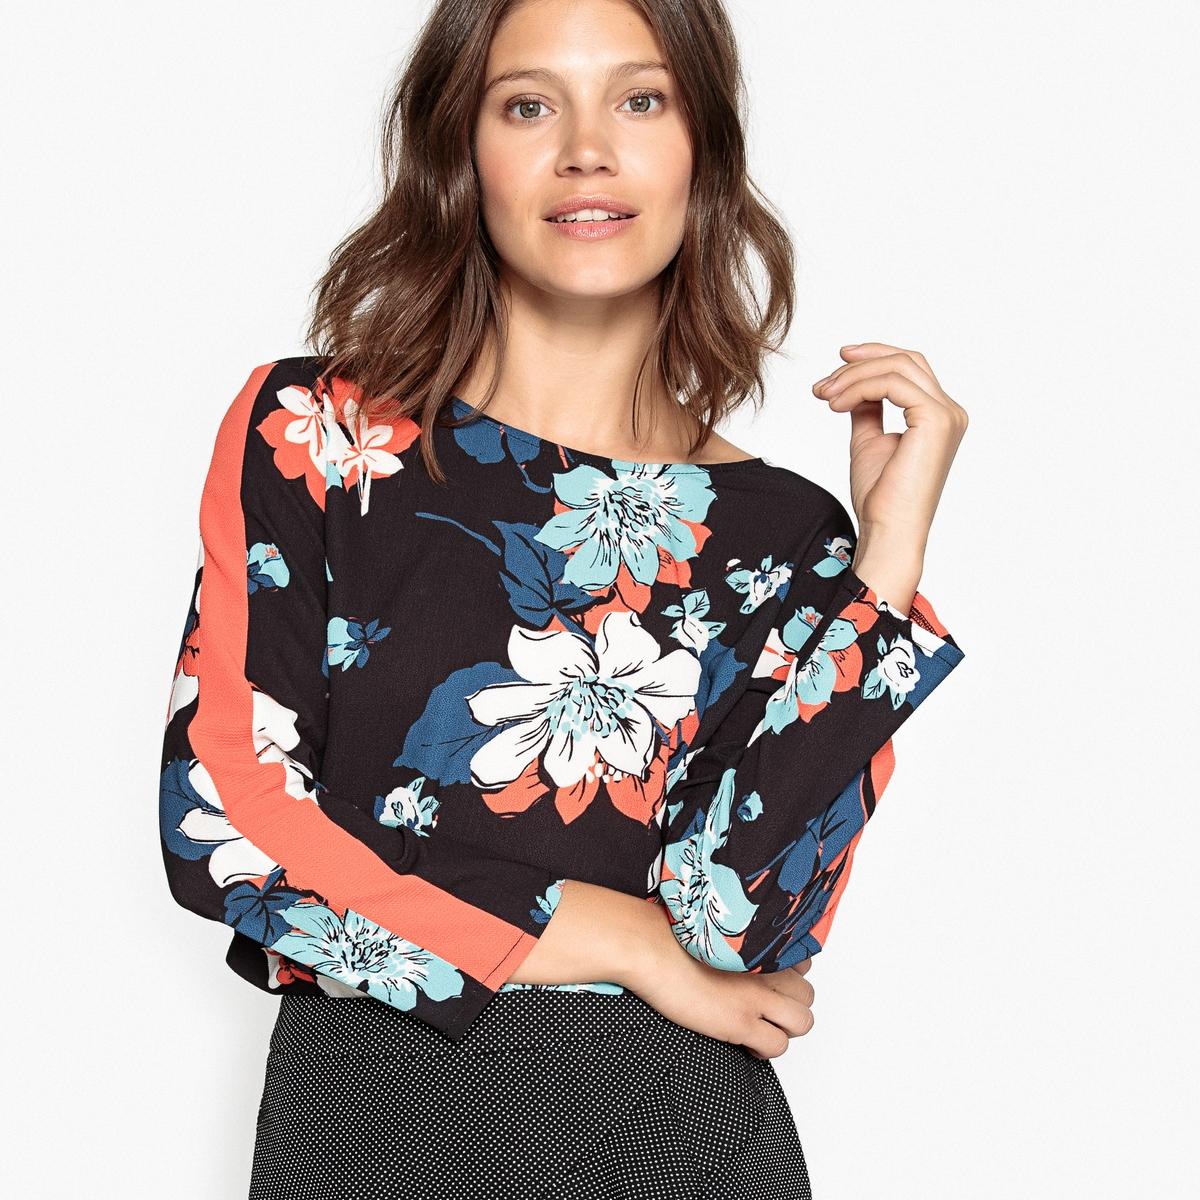 Блузка с V-образным вырезом сзади и цветочным рисунком на черном фоне